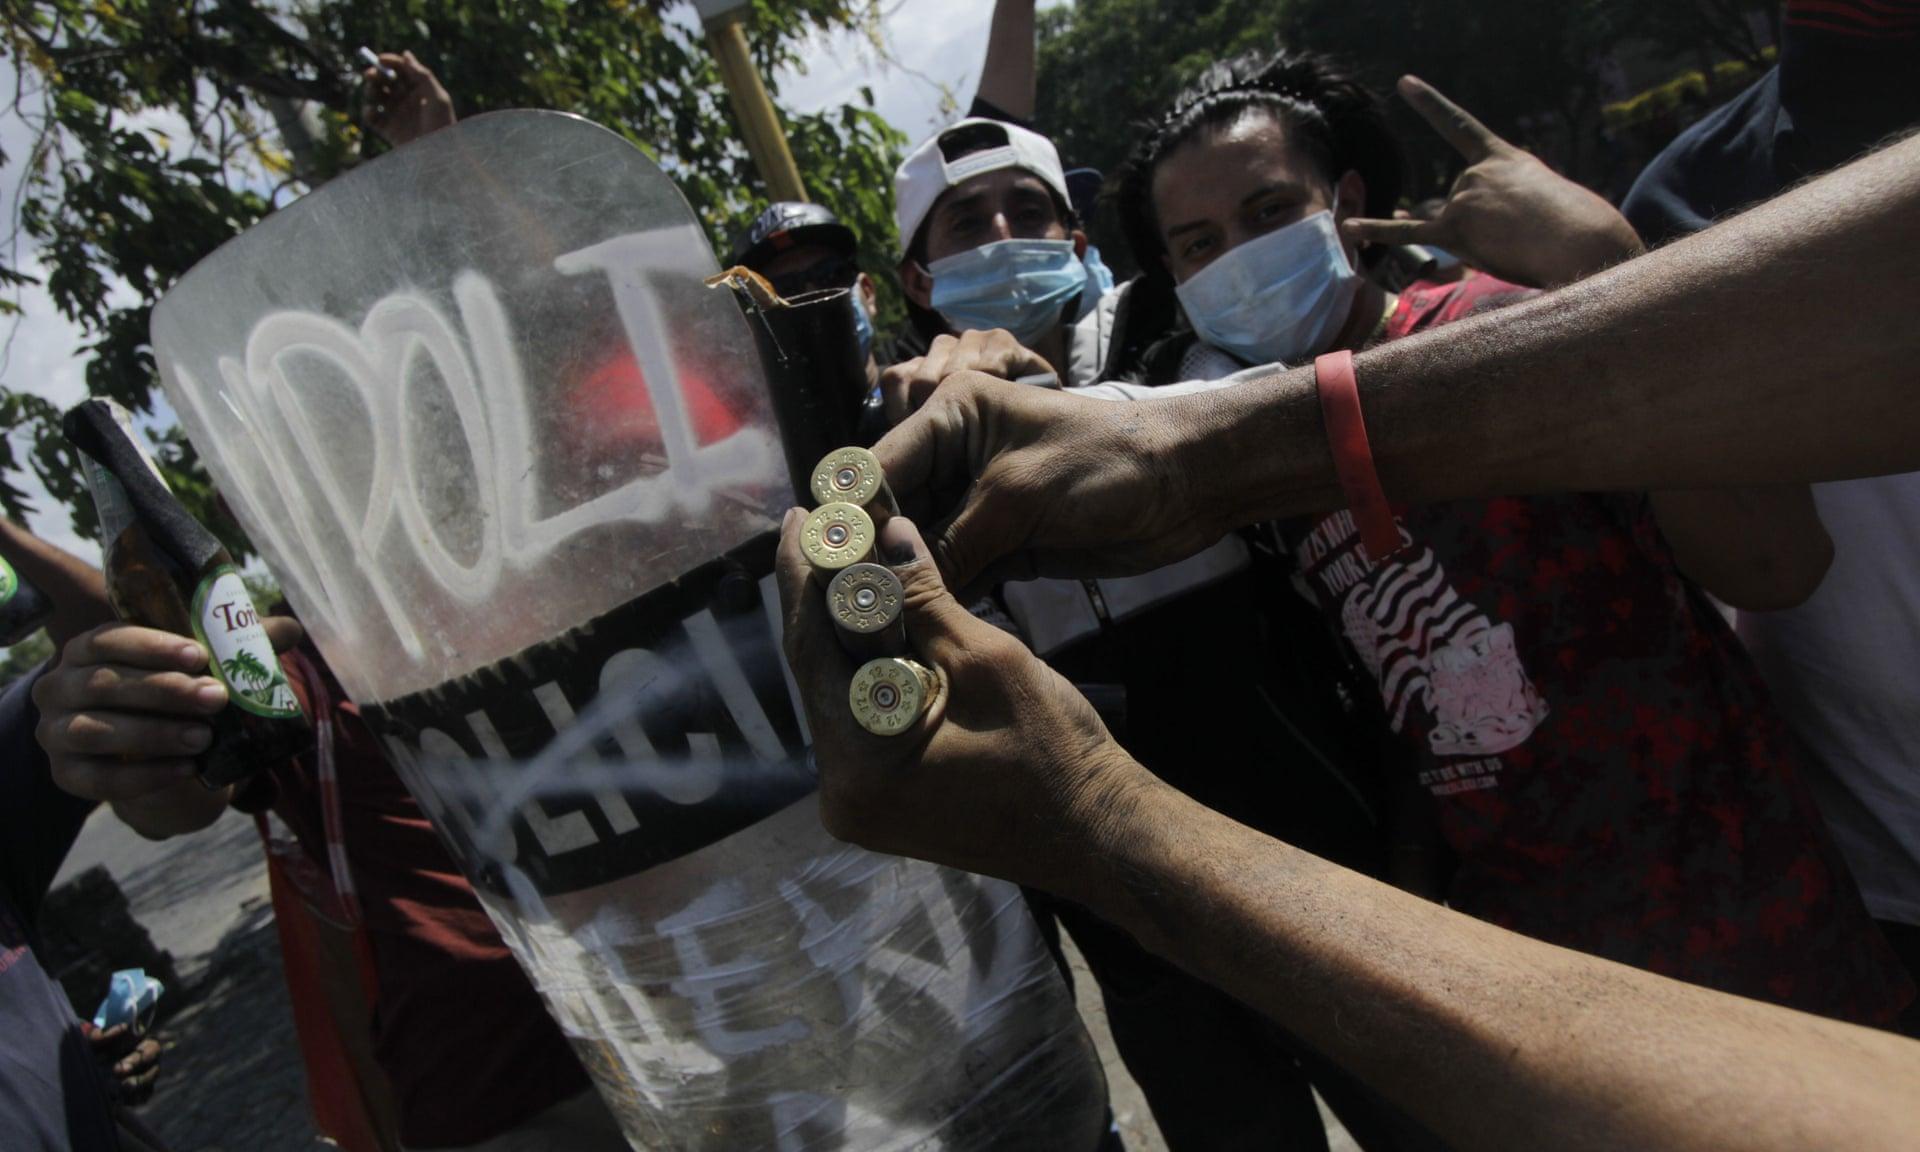 I manifestanti mostrano i bossoli dei proiettili veri con cui la polizia gli avrebbe sparato contro durante le manifestazioni a Managua. Credits to: Inti Ocon/AFP/Getty Images.